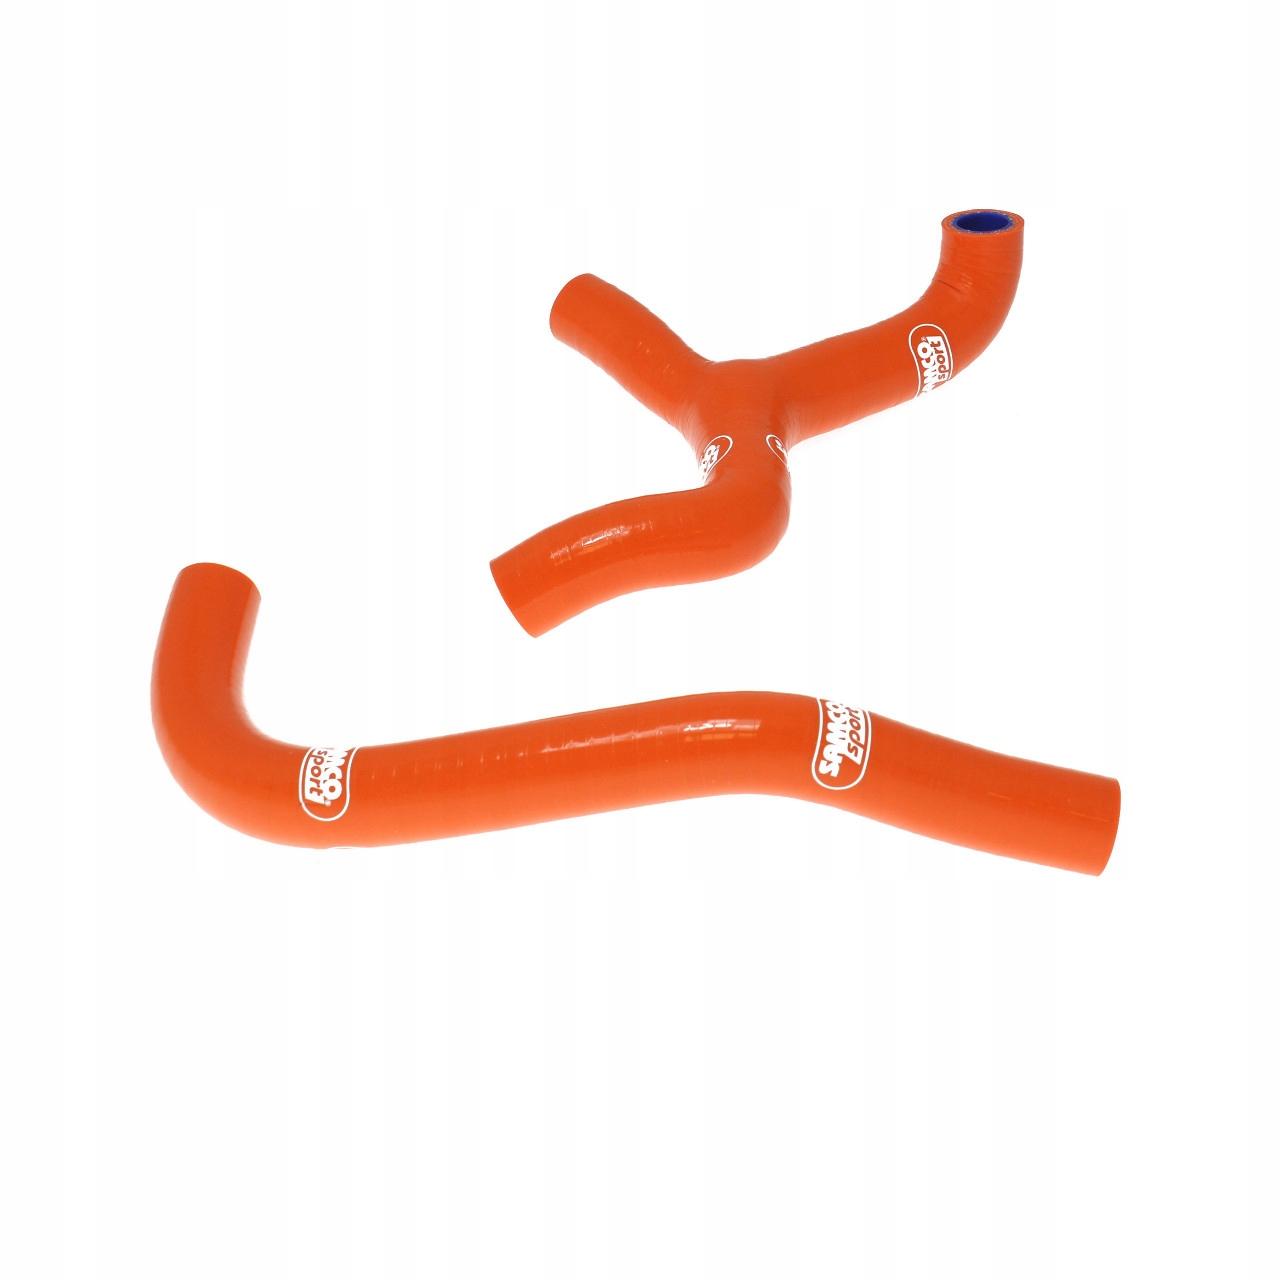 #SAMCO Sport KTM-25 węże chłodnicy KTM 65 SX RACE